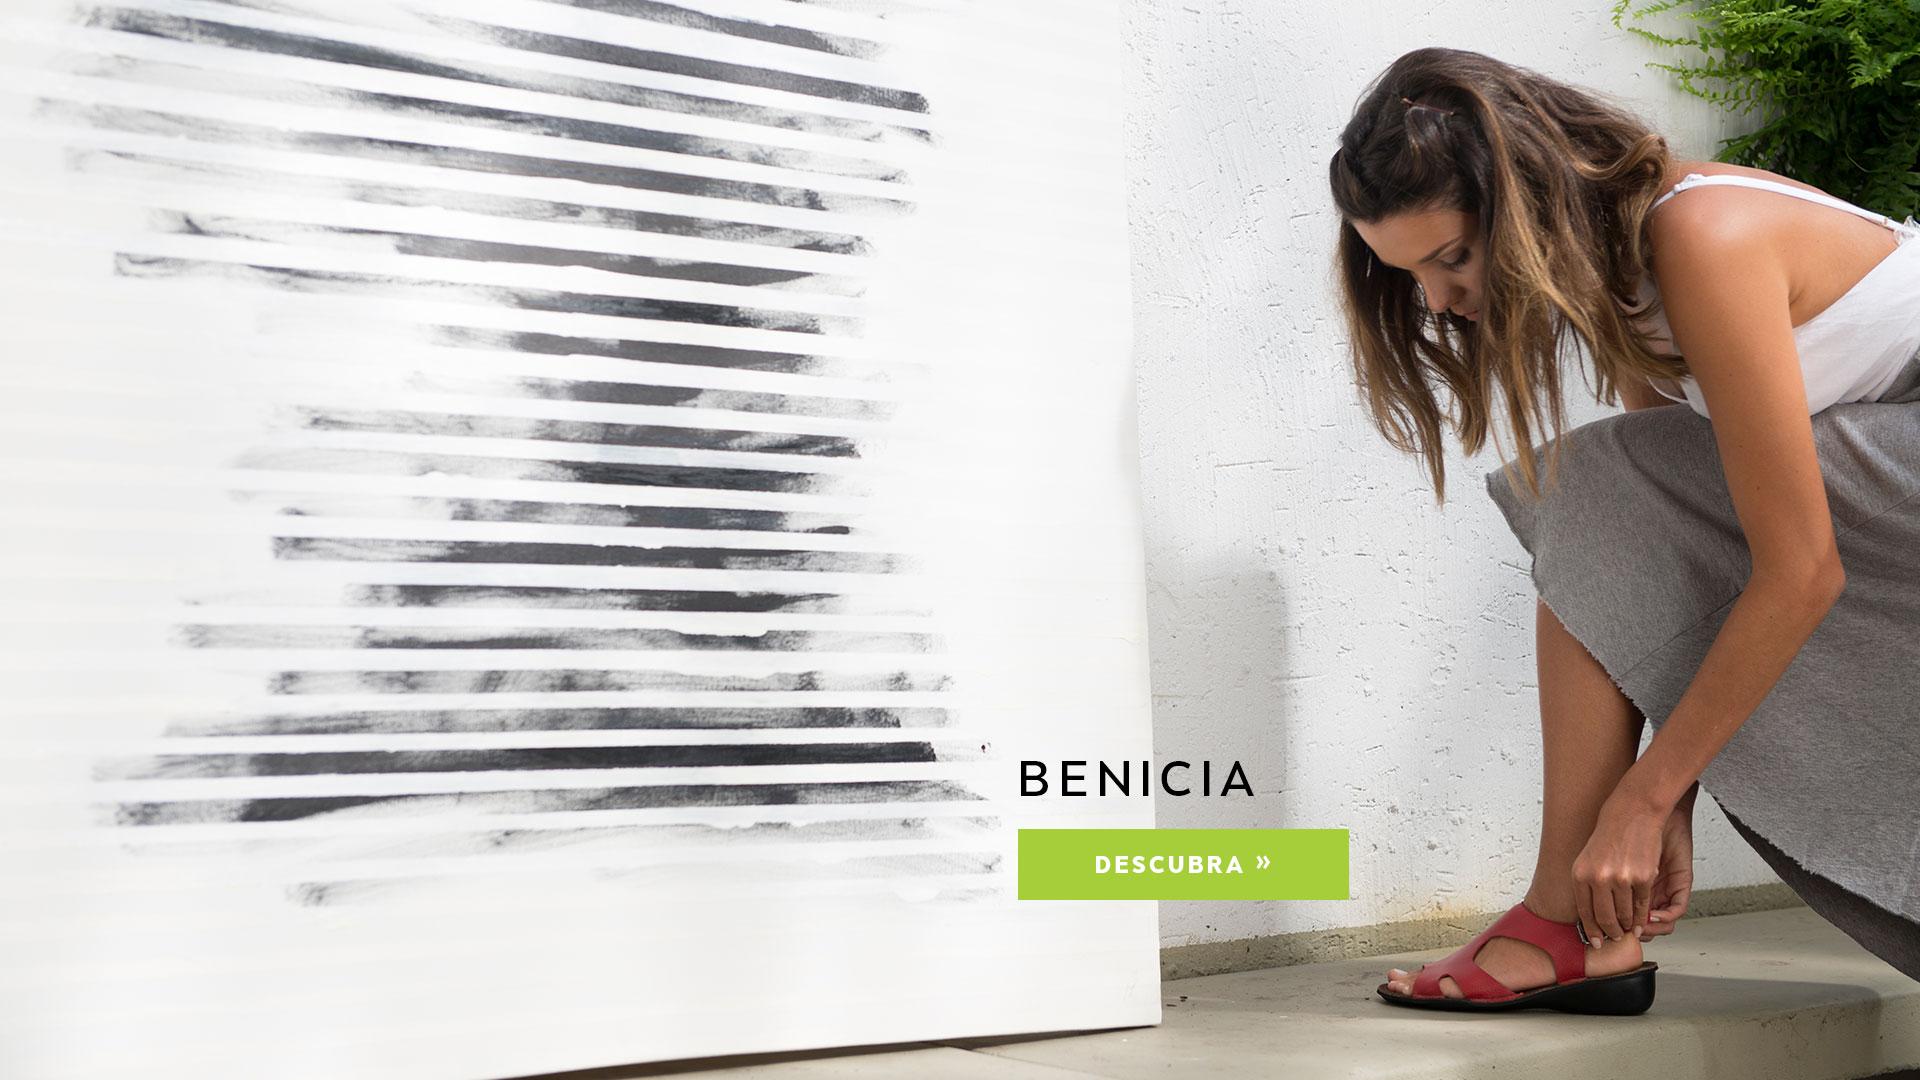 Benicia